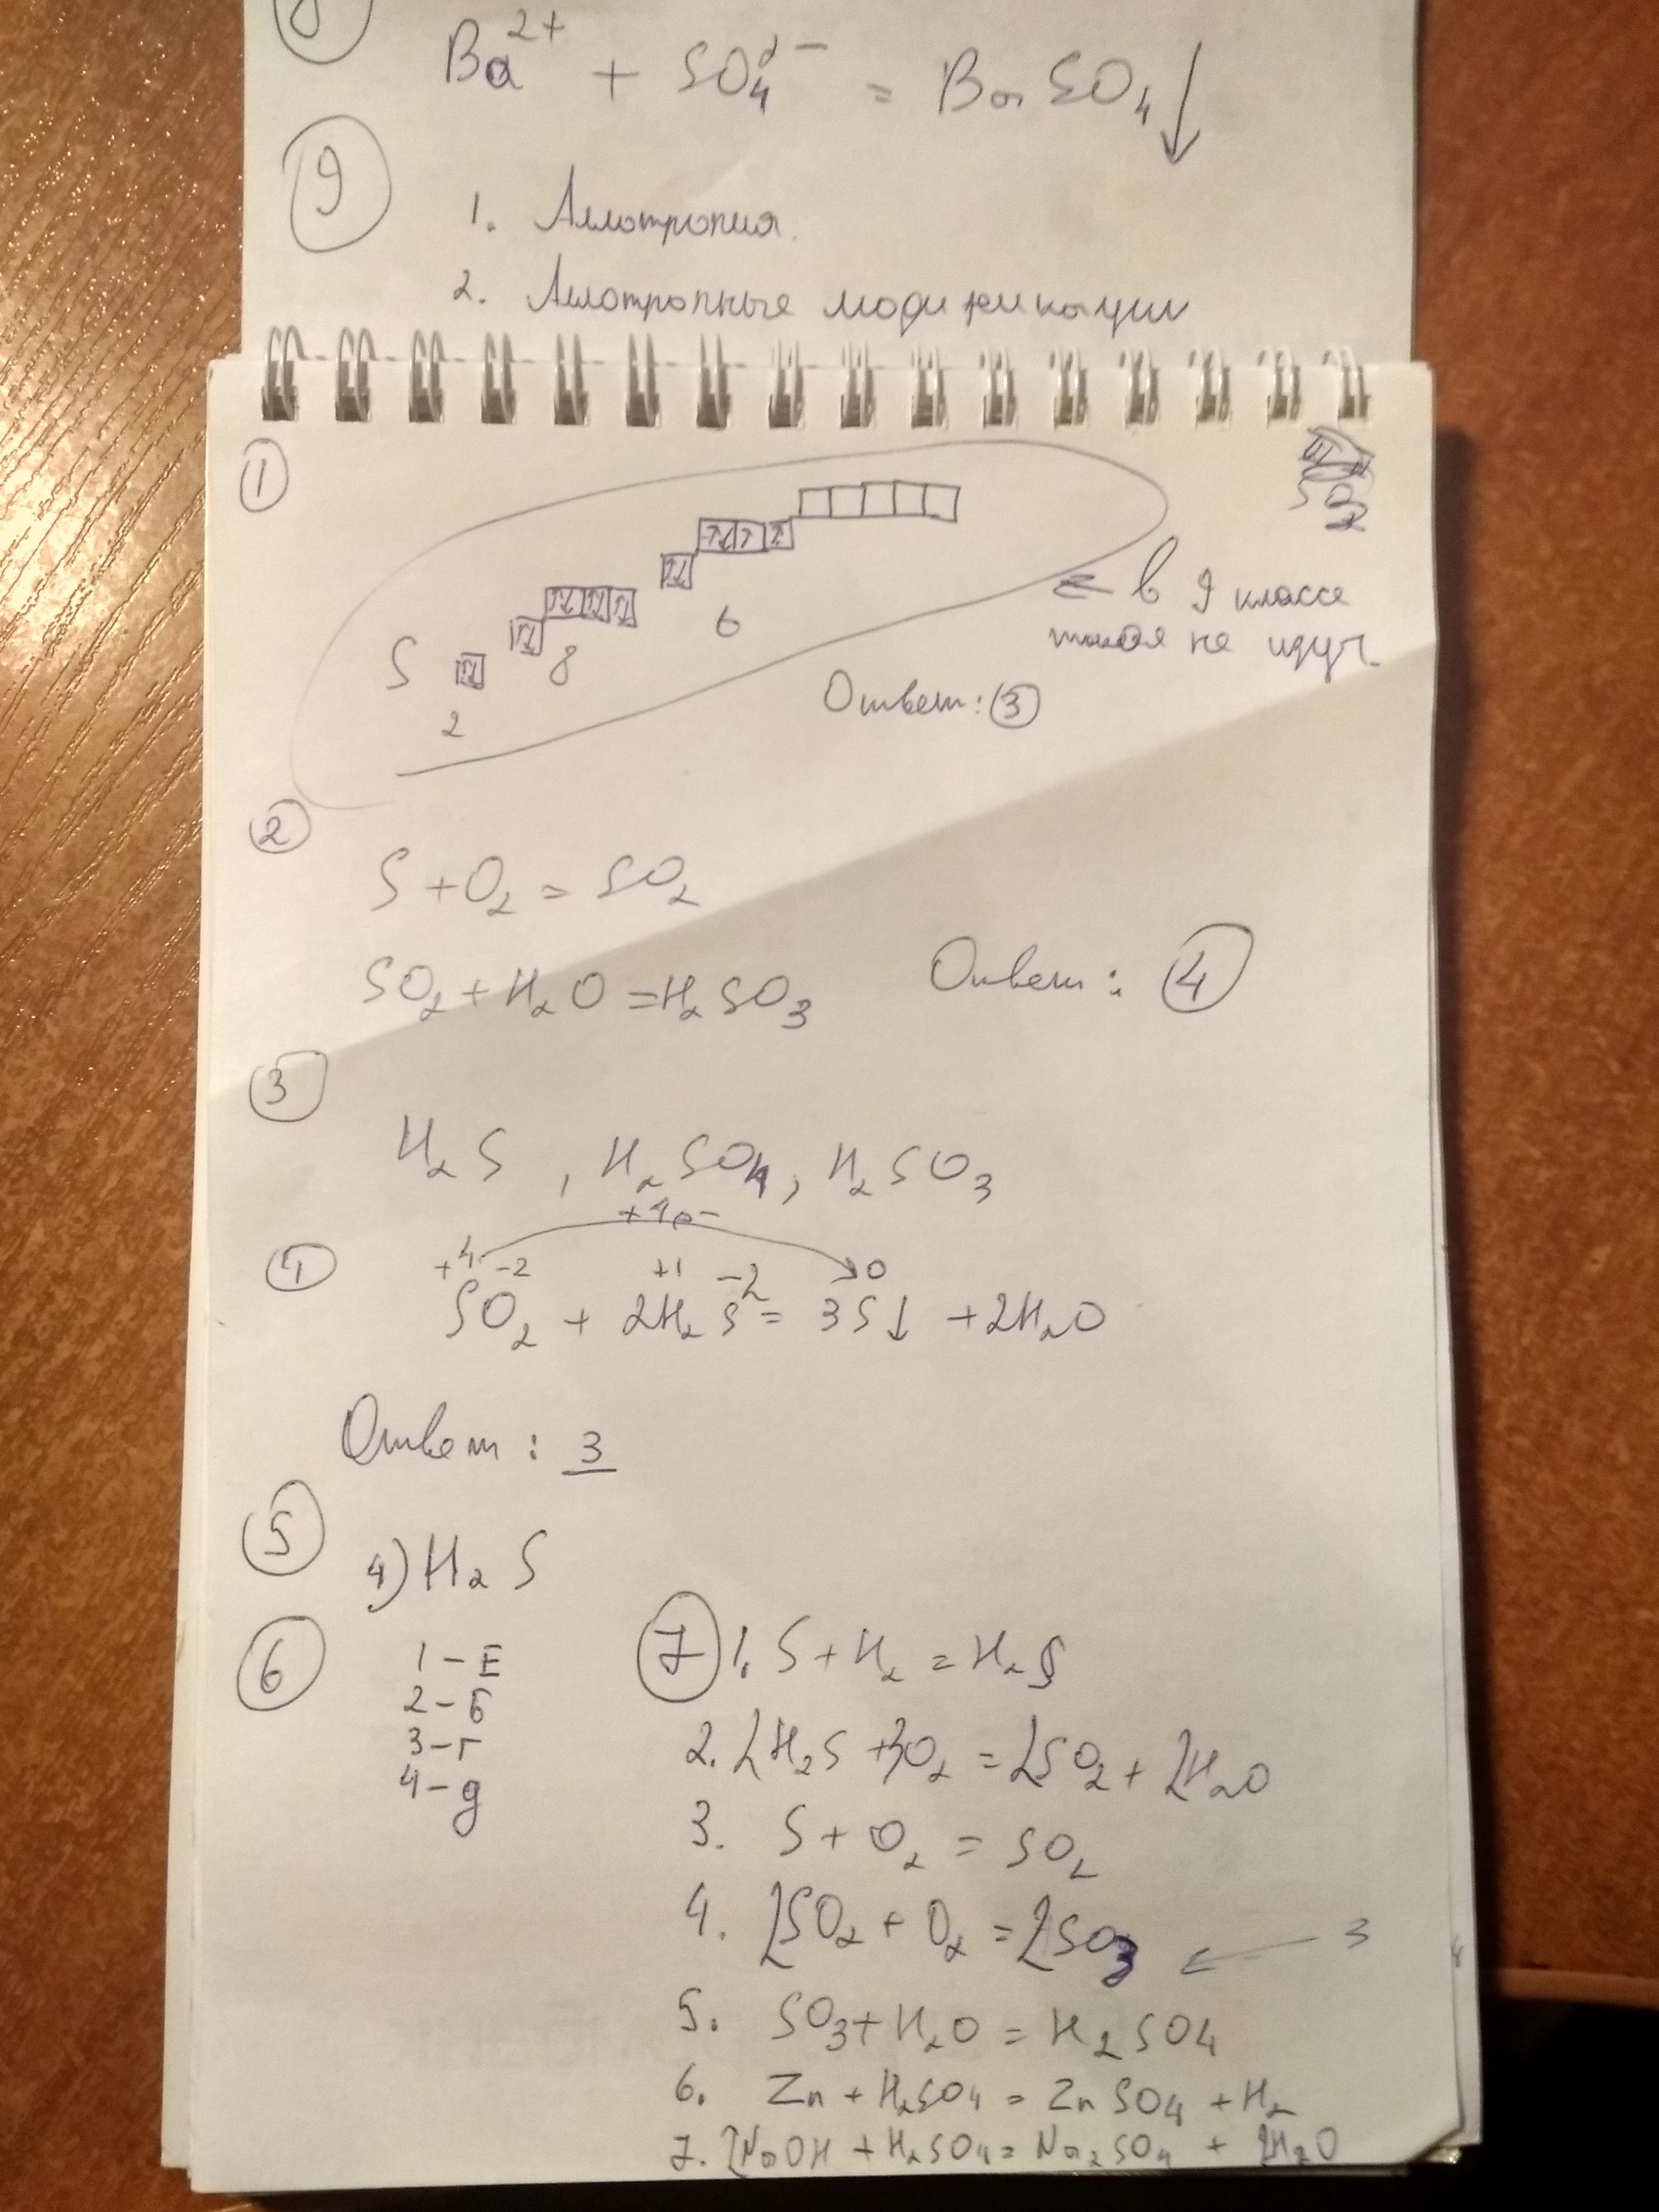 Элементом э в схеме превращений э эо2 н2эо3 является.